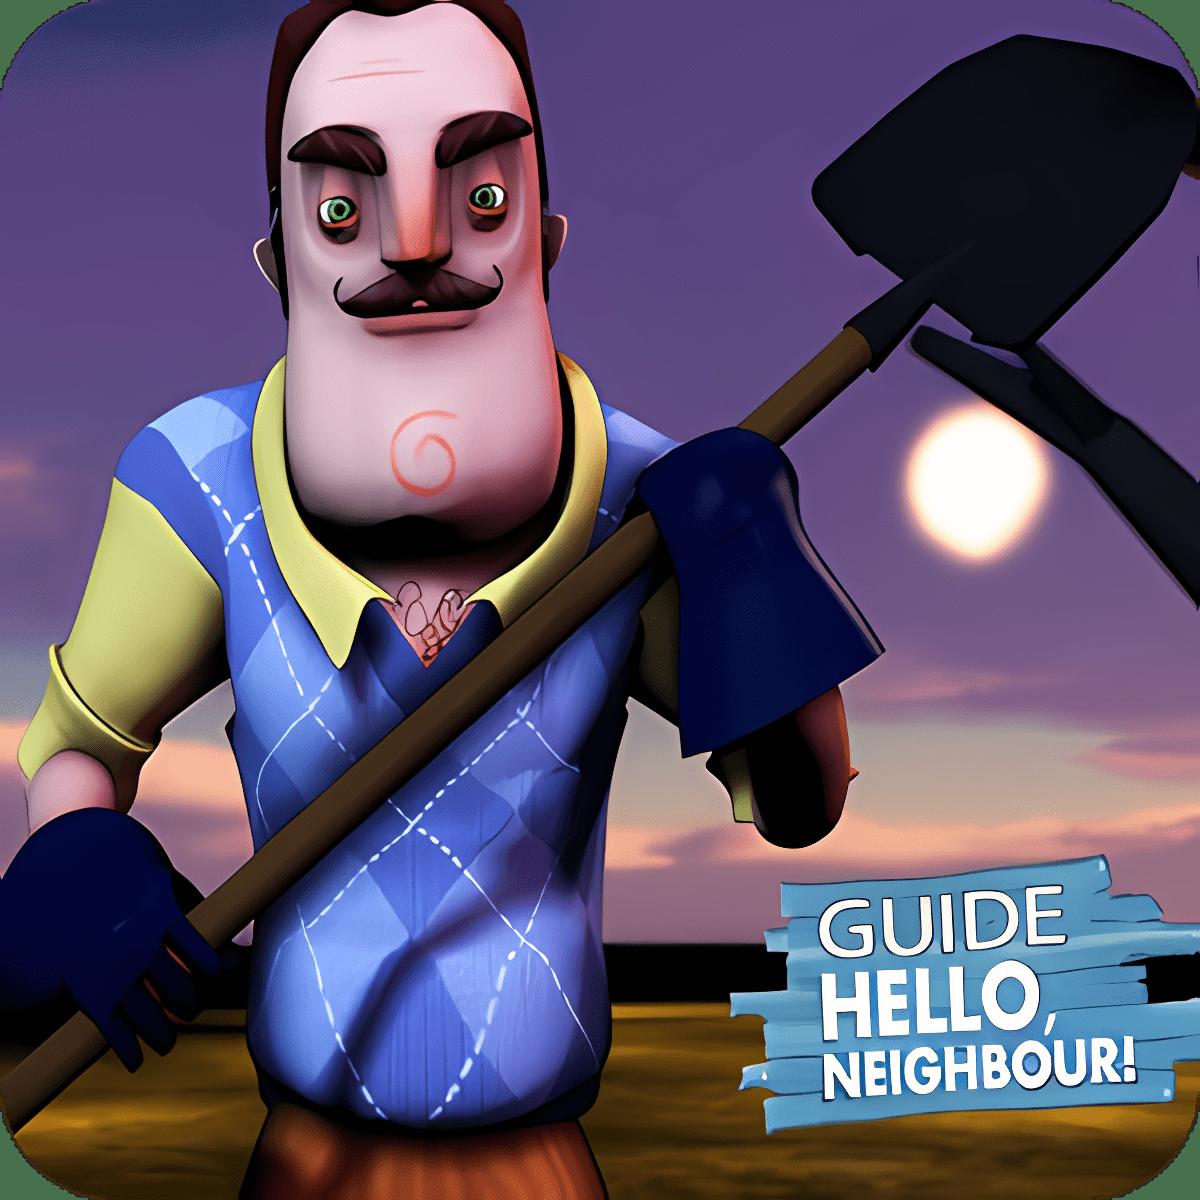 Guide of Hello neighbor Alpha 1.0